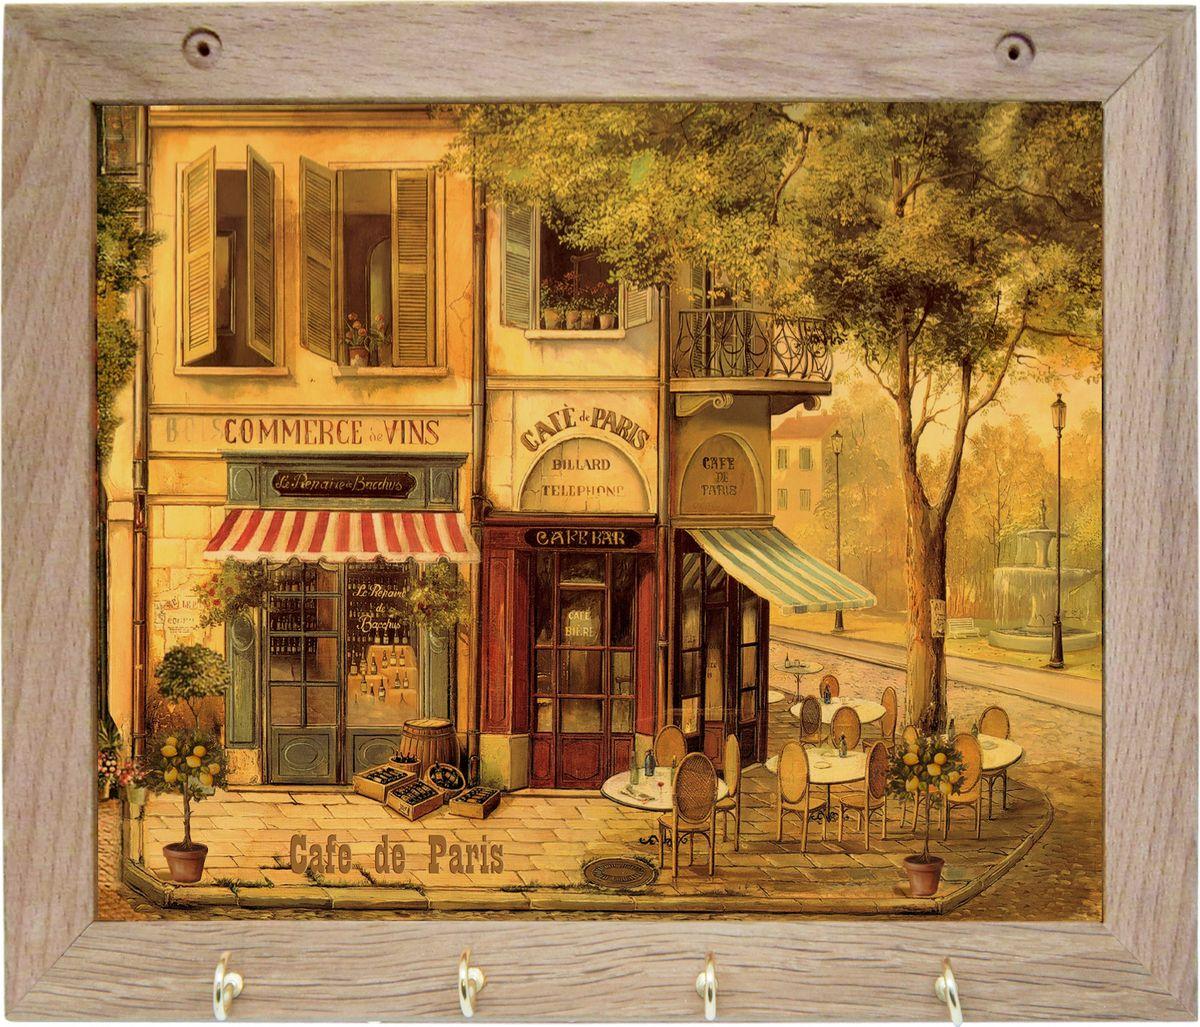 Вешалка GiftnHome Парижское кафе, с 4 крючками, 20 х 25 см1004900000360Вешалка GiftnHome Парижское кафе в стиле Art-Casual изготовлена из натурального дерева в комбинации с модными цветными принтами на корпусе от Креативной студии AntonioK. Вешалка снабжена 4 металлическими крючками для подвешивания аксессуаров, полотенец, прихваток и другого текстиля. Это изделие больше, чем просто вешалка, оно несет интерьерное решение, задает настроение и стиль на вашей кухне, столовой или дачной веранде. Art-Casual значит буквально повседневное искусство. Это новый стиль предложения обычных домашних аксессуаров в качестве элементов, задающих стиль и шарм окружающего пространства. Уникальное сочетание привычной функциональности и декоративной, интерьерной функции - это актуальная, современная тенденция от прогрессивных производителей товаров для дома.